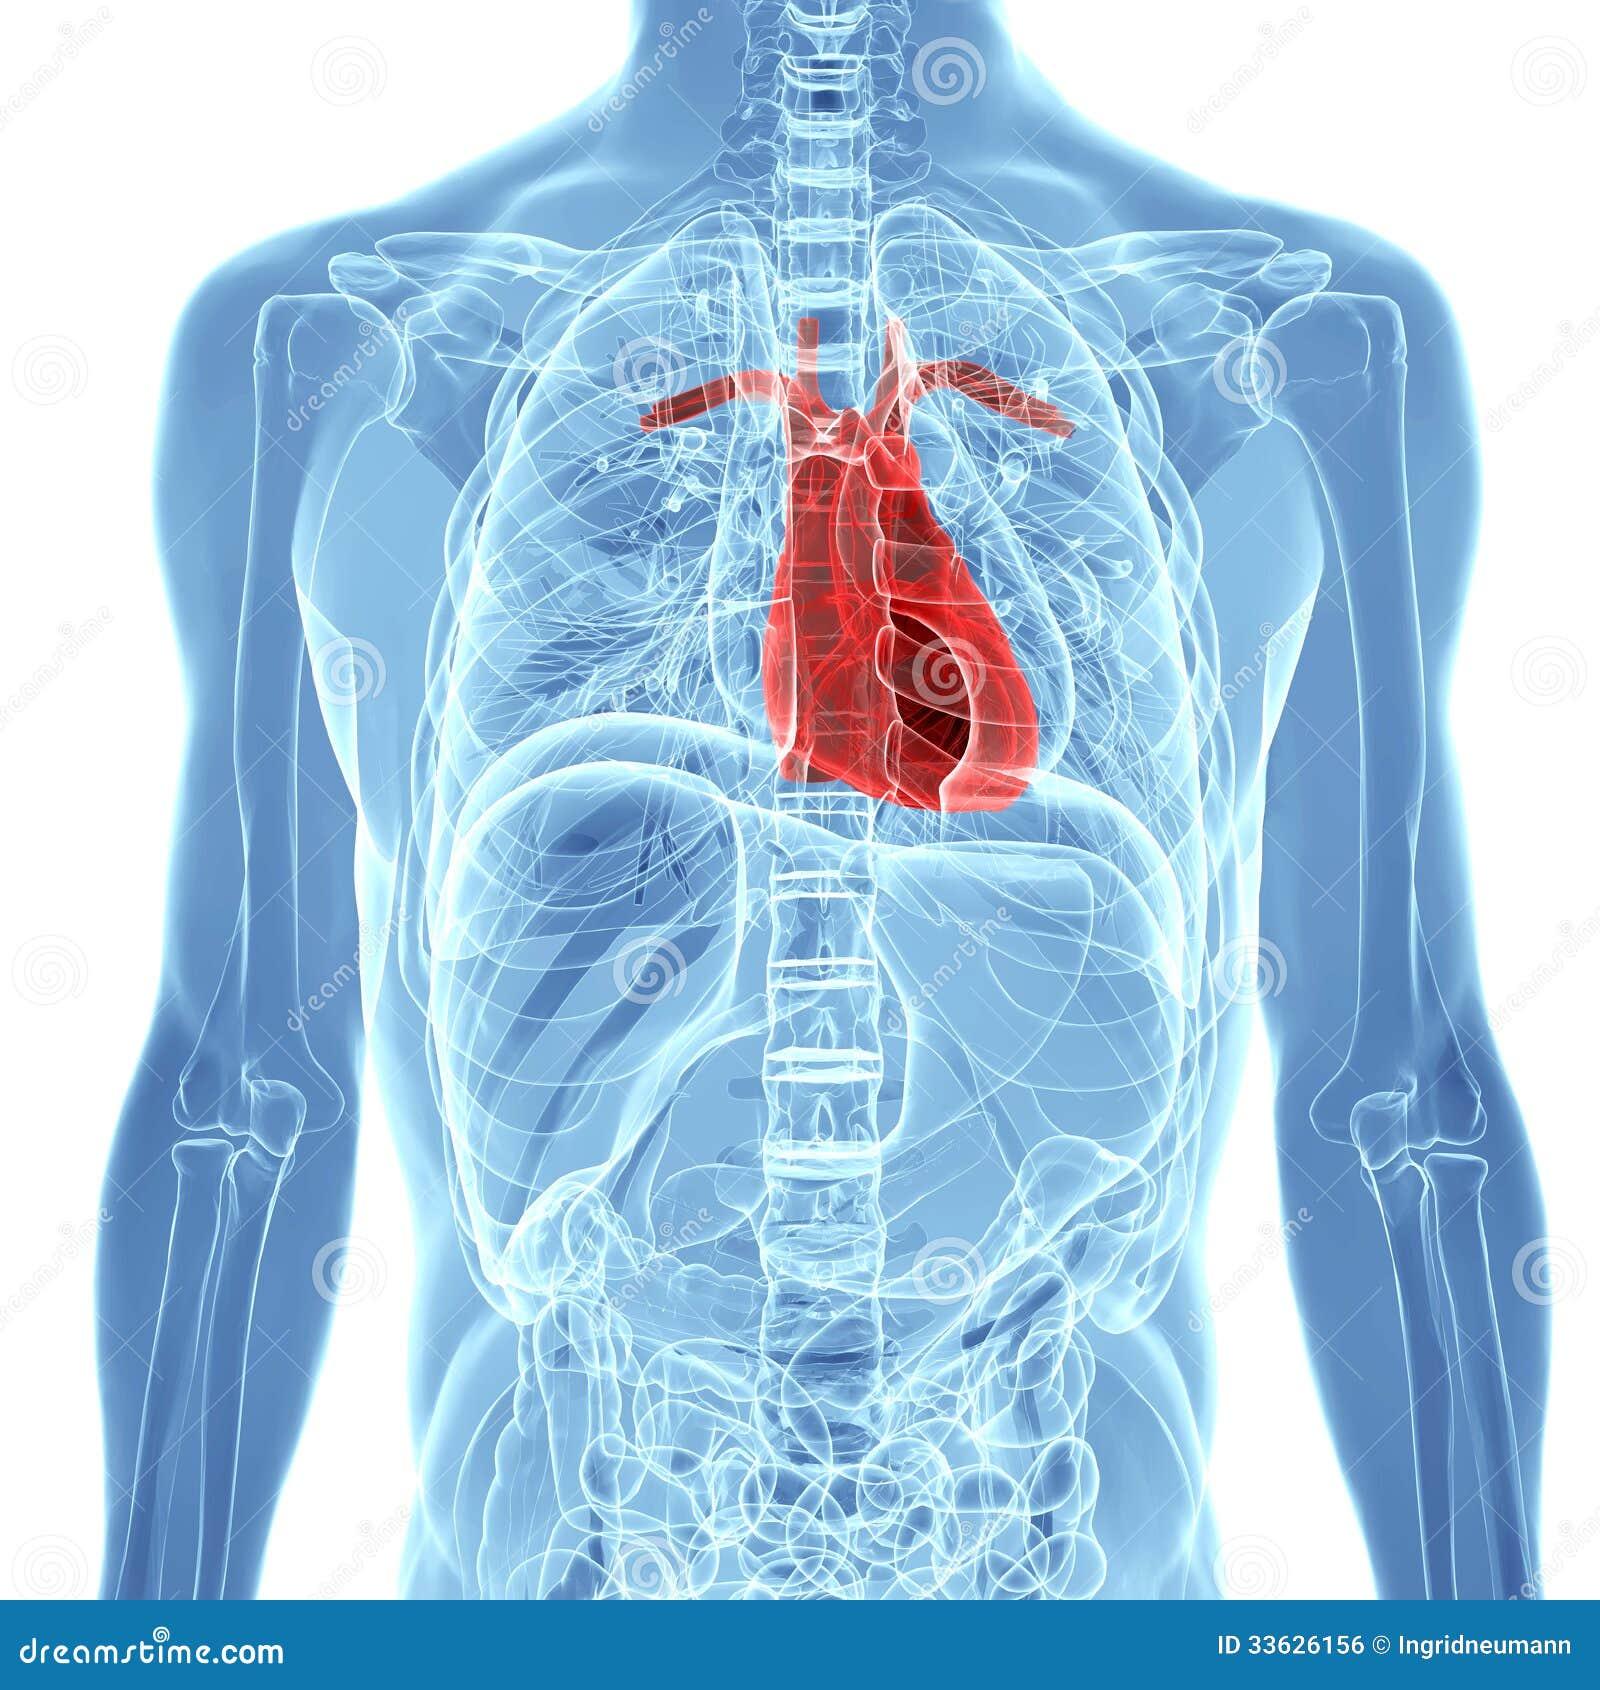 Human Heart Anatomy Stock Illustration Illustration Of Chest 33626156